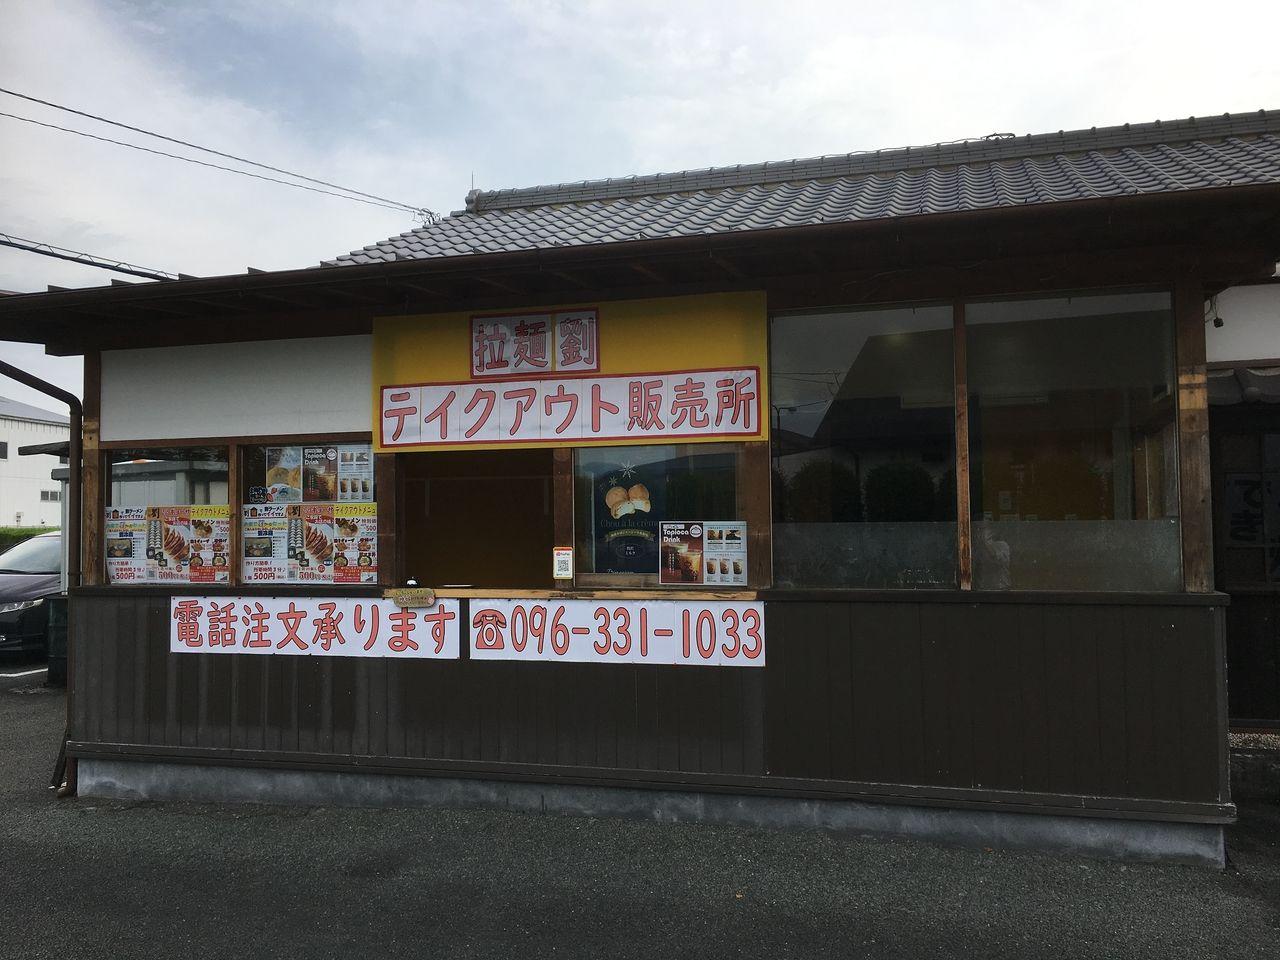 熊本市東区の熊本ラーメン誕生時の味を伝えるラーメン「劉」テイクアウトもやっています。